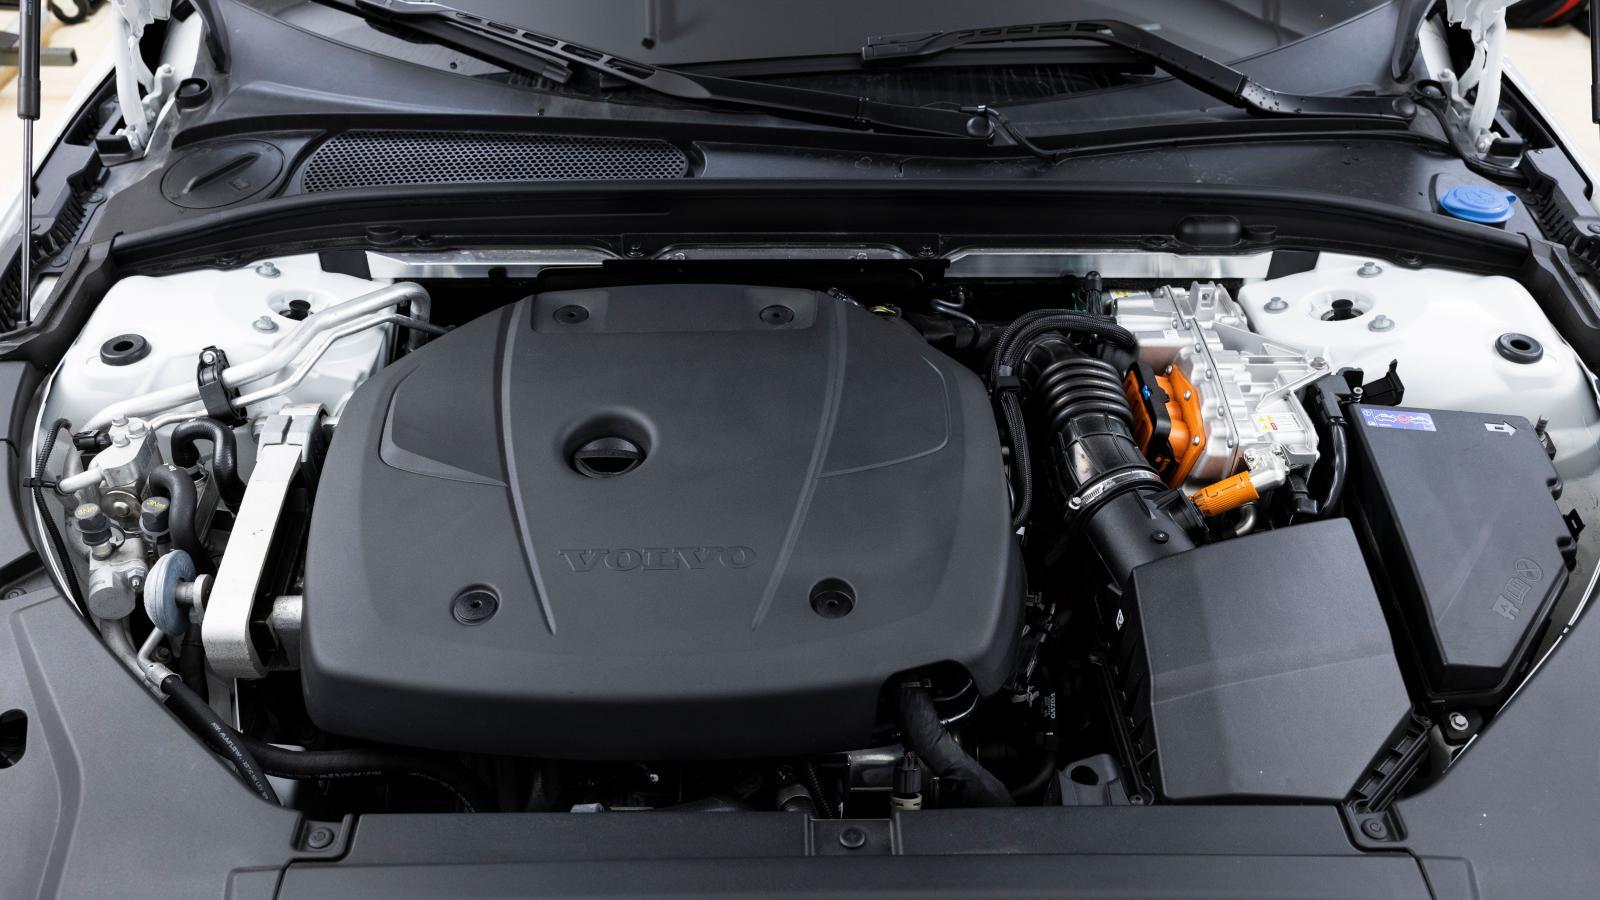 Den saftiga törsten när bilen går på enbart bensin och bensinvärmaren som krävs för att värma kupén på vintern snor en miljöpoäng från V90.